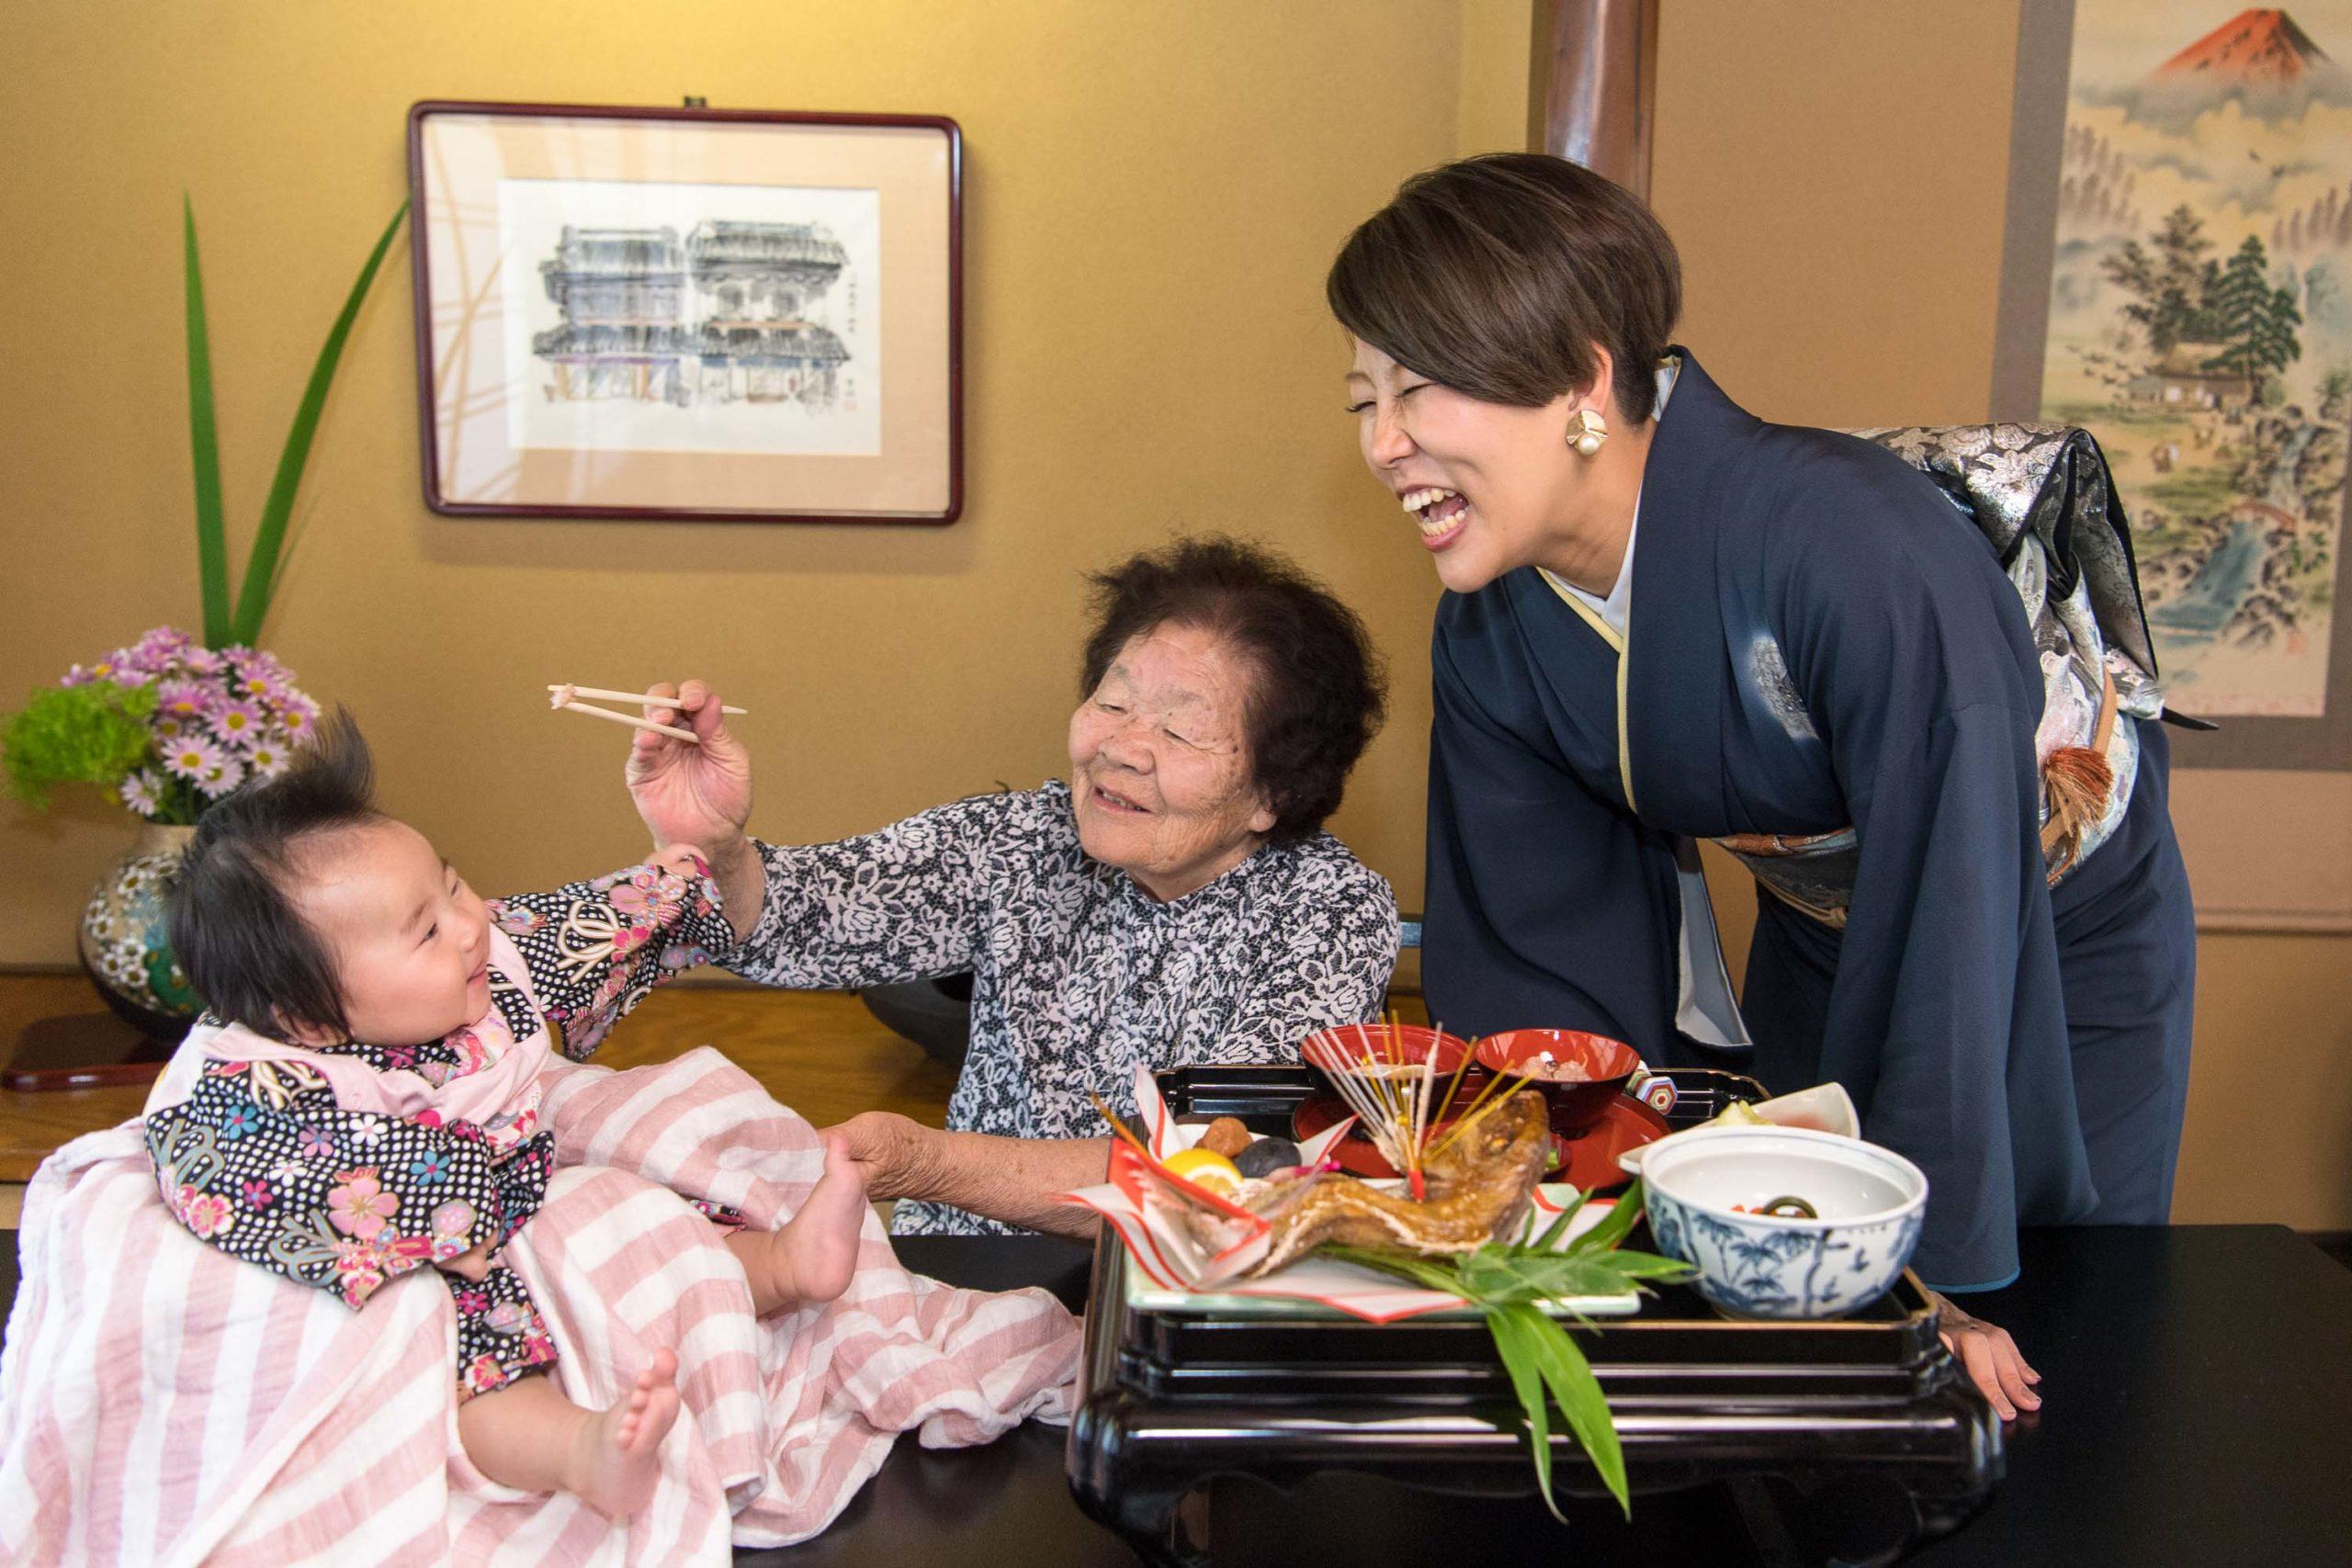 うなぎのいちにやの個室でお食い初めをするおばあちゃんと和服姿の女性